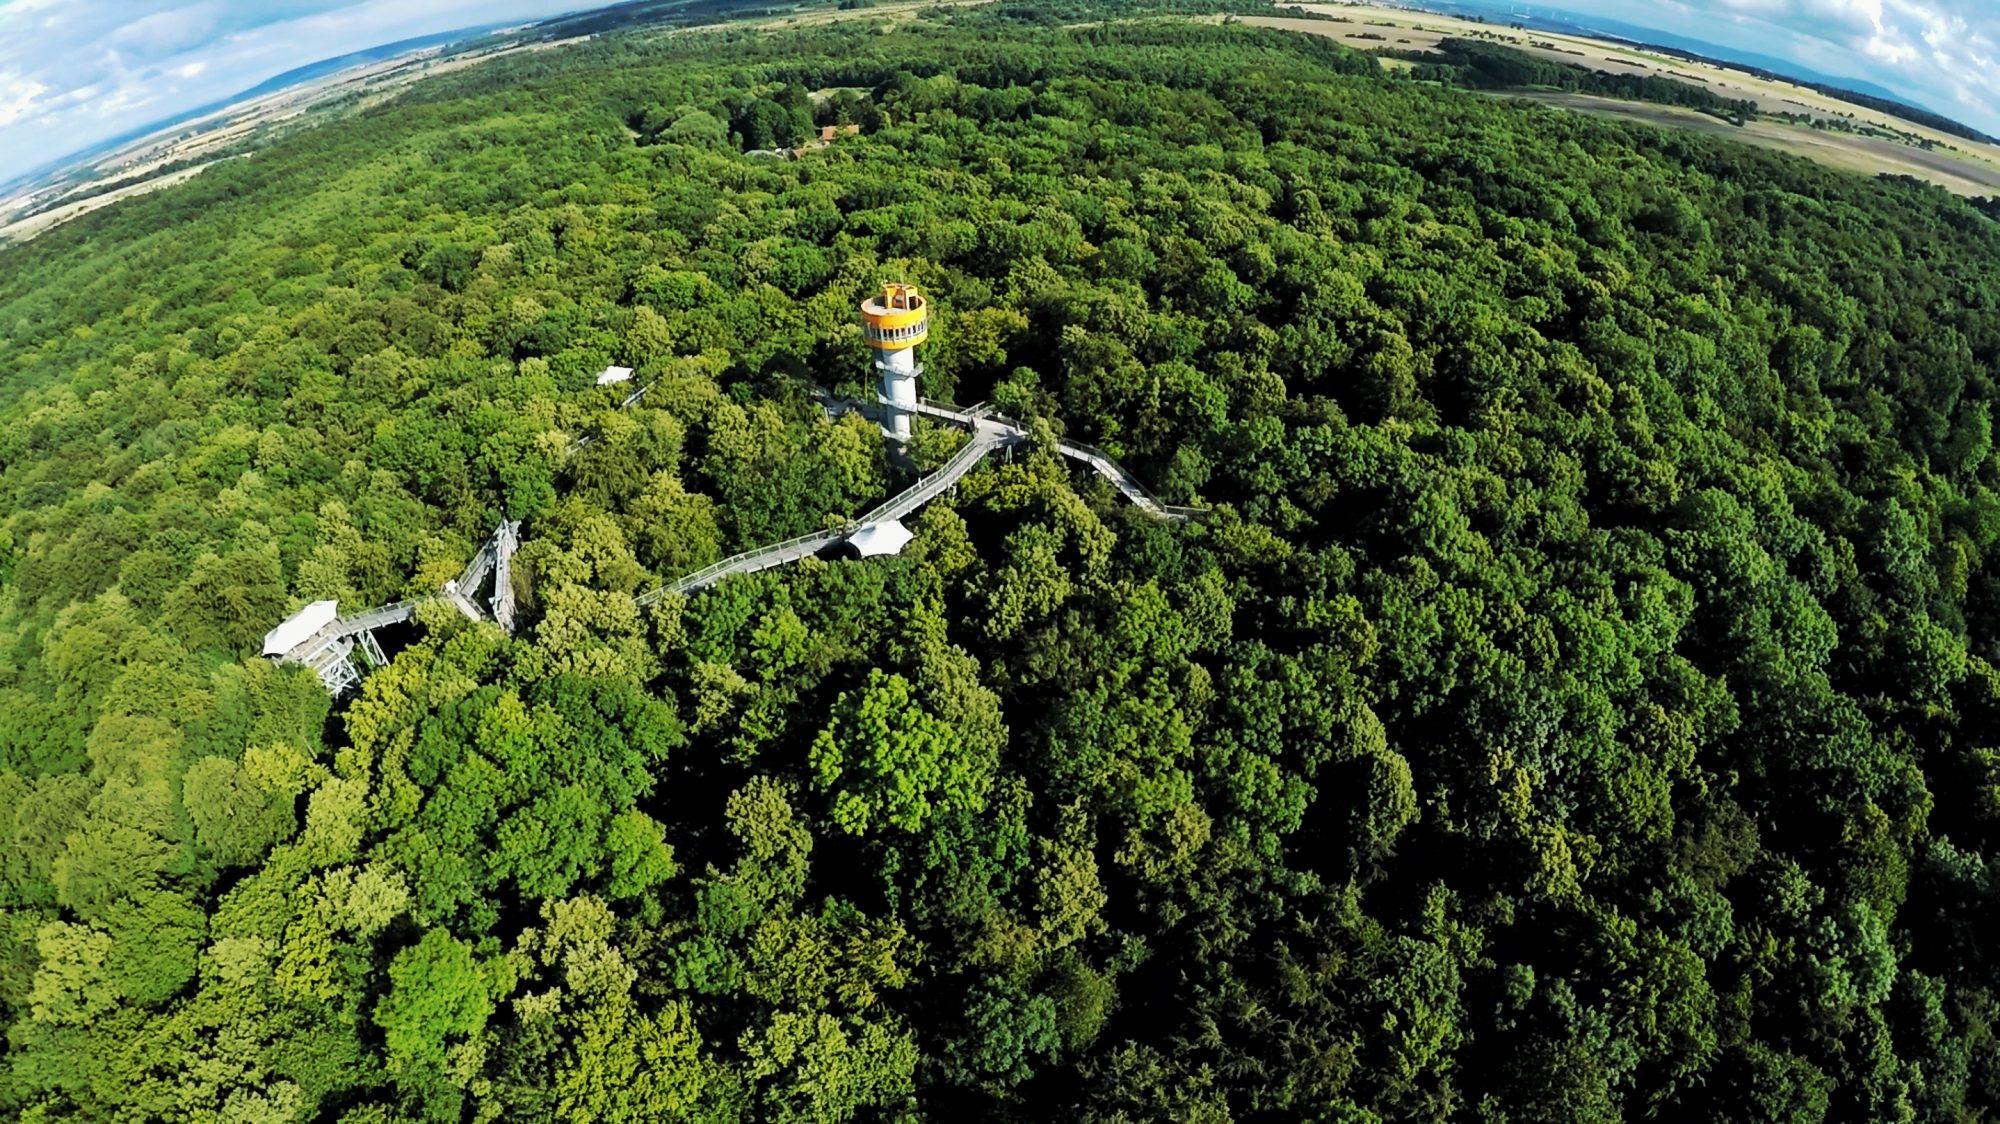 Parc National de Hainich